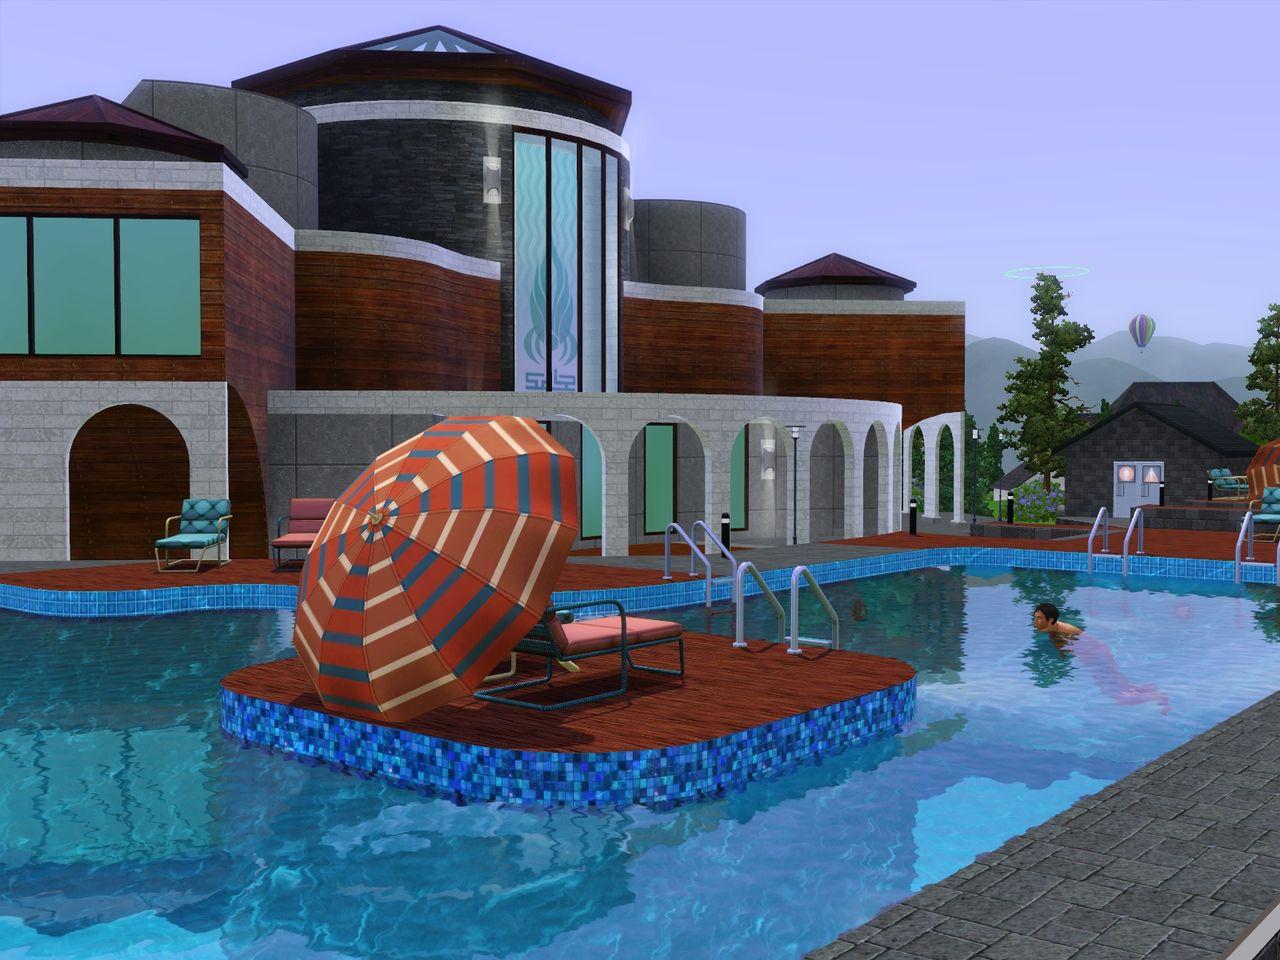 Sims 3 можно ли играть со всеми дополнениями - dde7